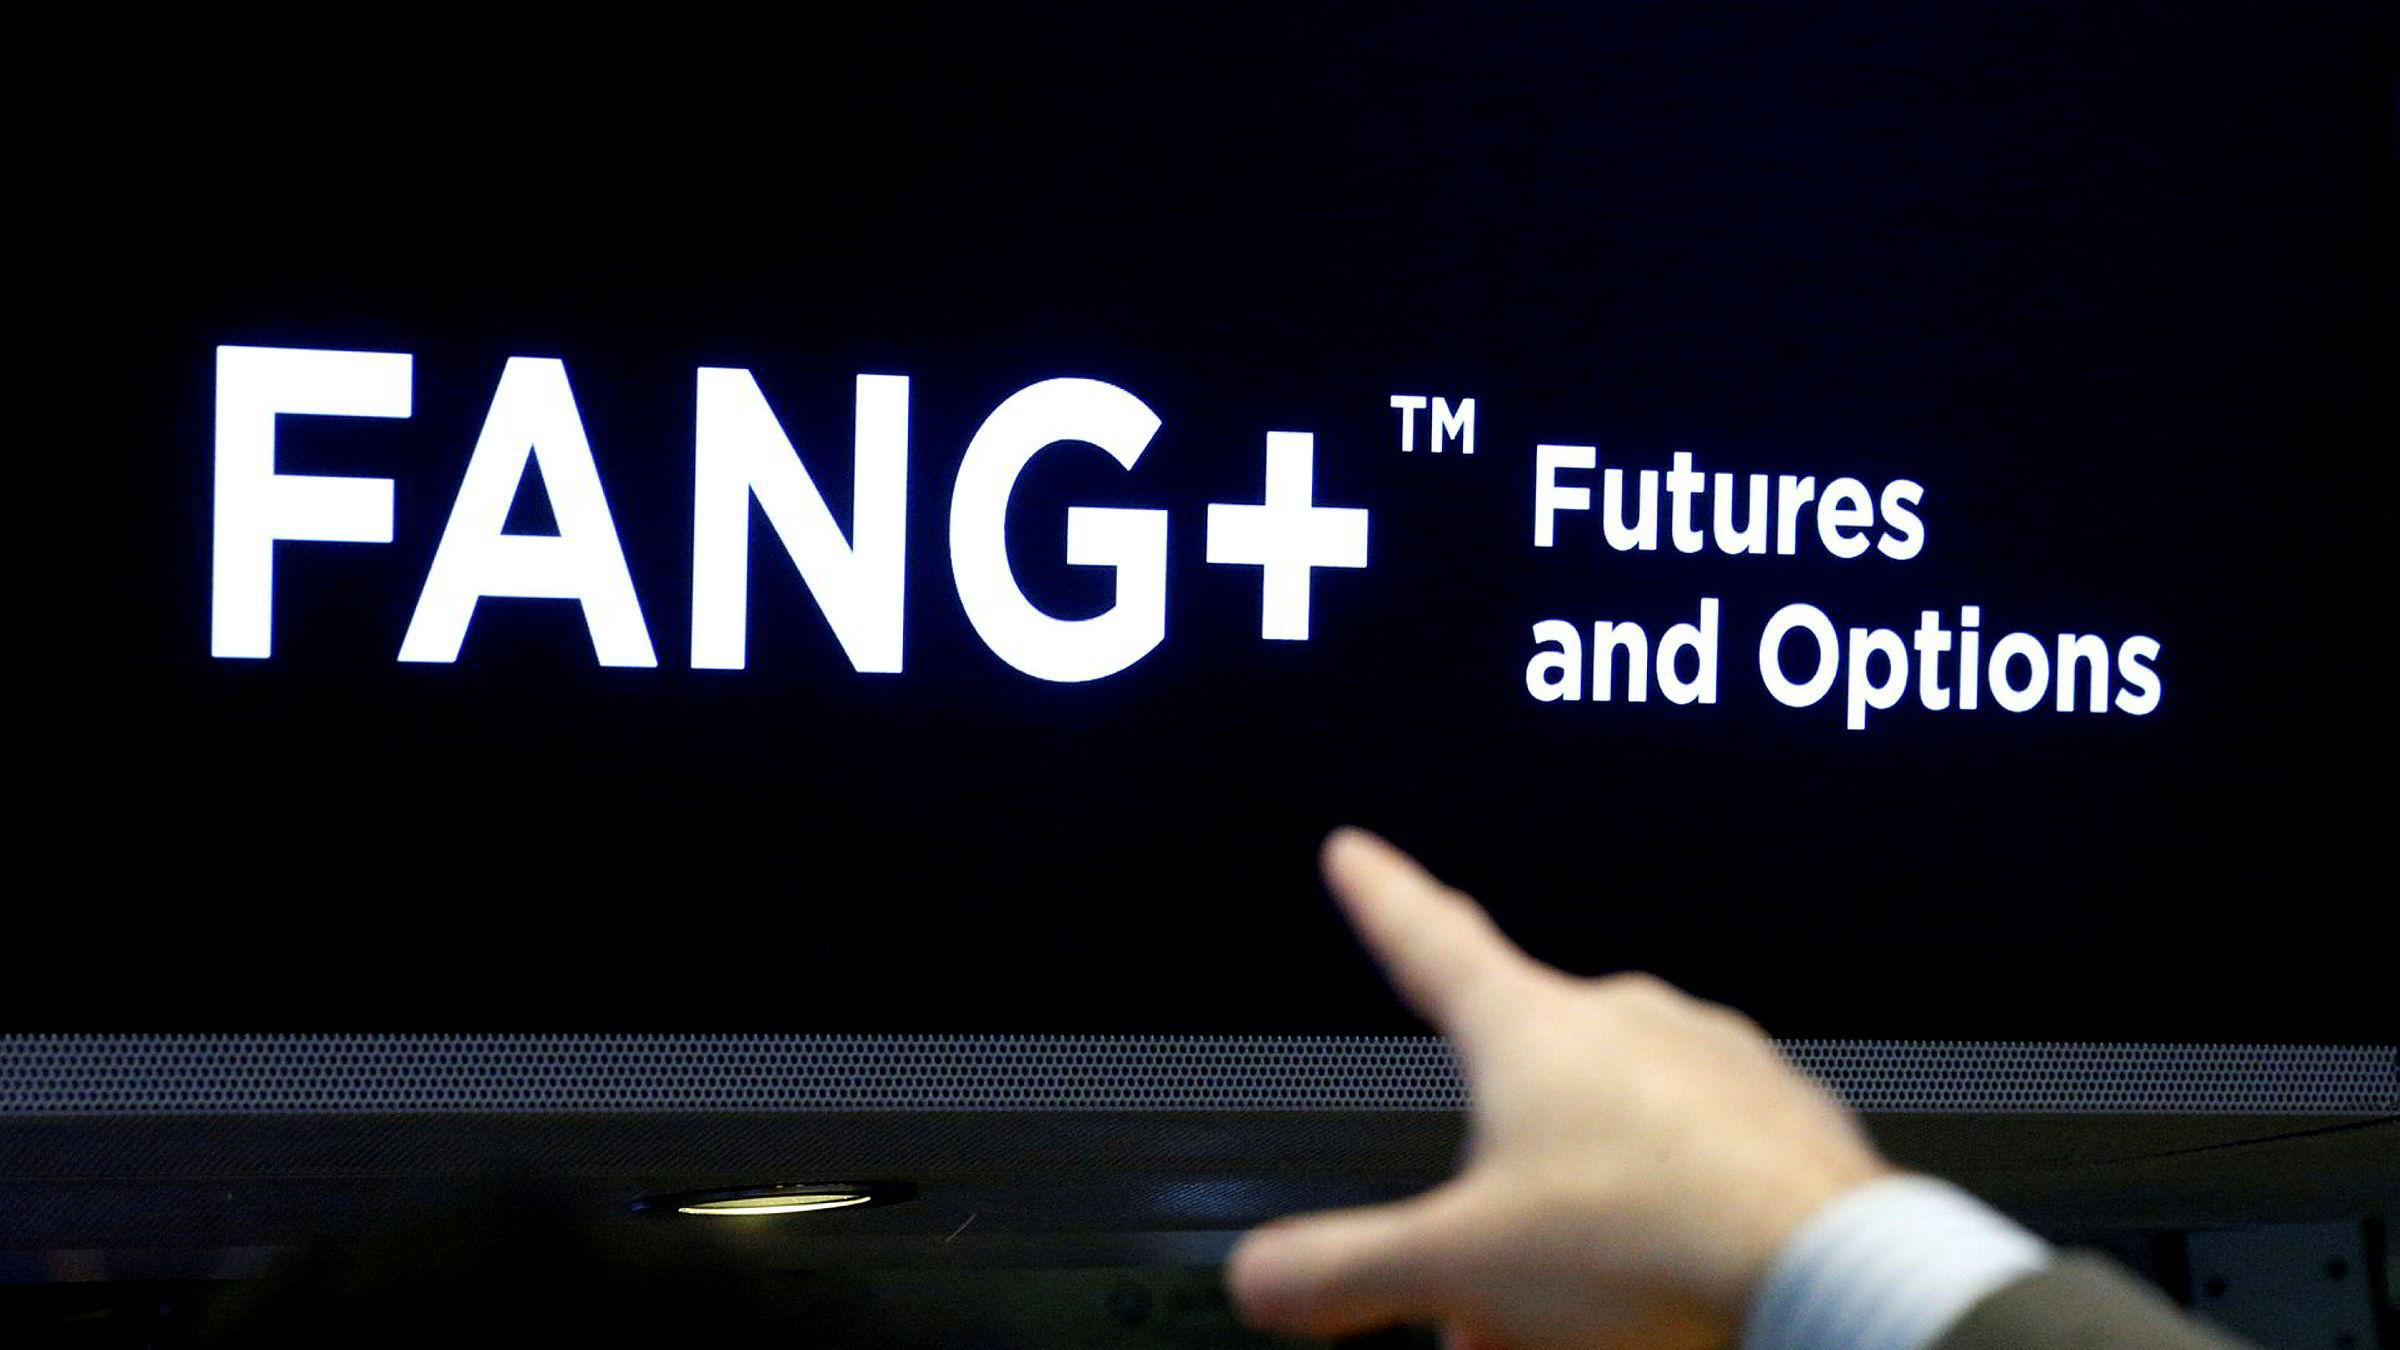 FANG-selskapene Facebook, Amazon, Netflix og Google (Alphabet) har lenge vært favoritter for teknologiinvestorer ved amerikanske børser. Spørsmålet er om de vil klare å innfri de skyhøye forventningene. Netflix skuffet stort på mandag.